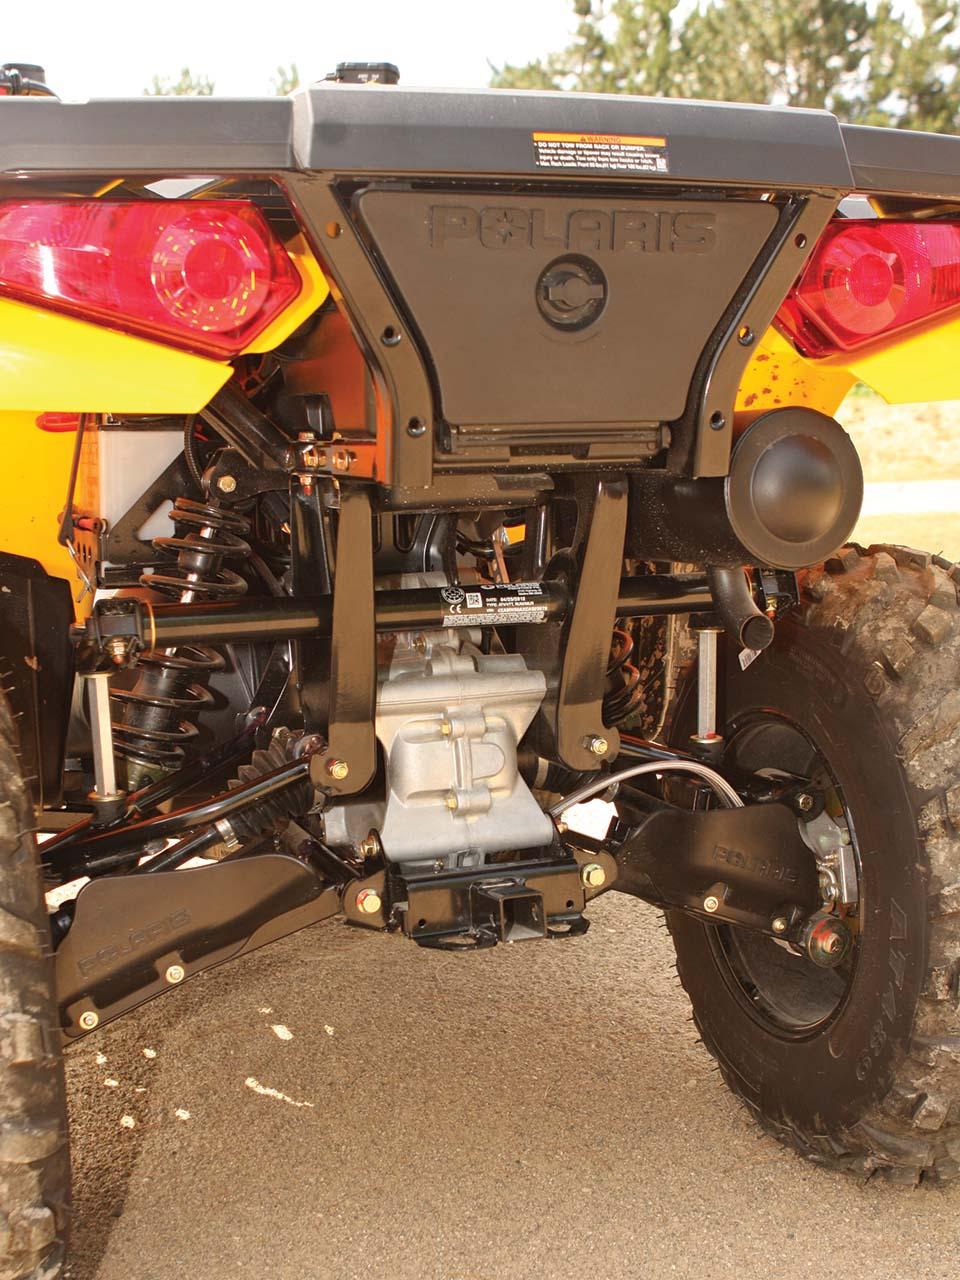 medium resolution of 2012 polaris sportsman500ho close up rear jpg